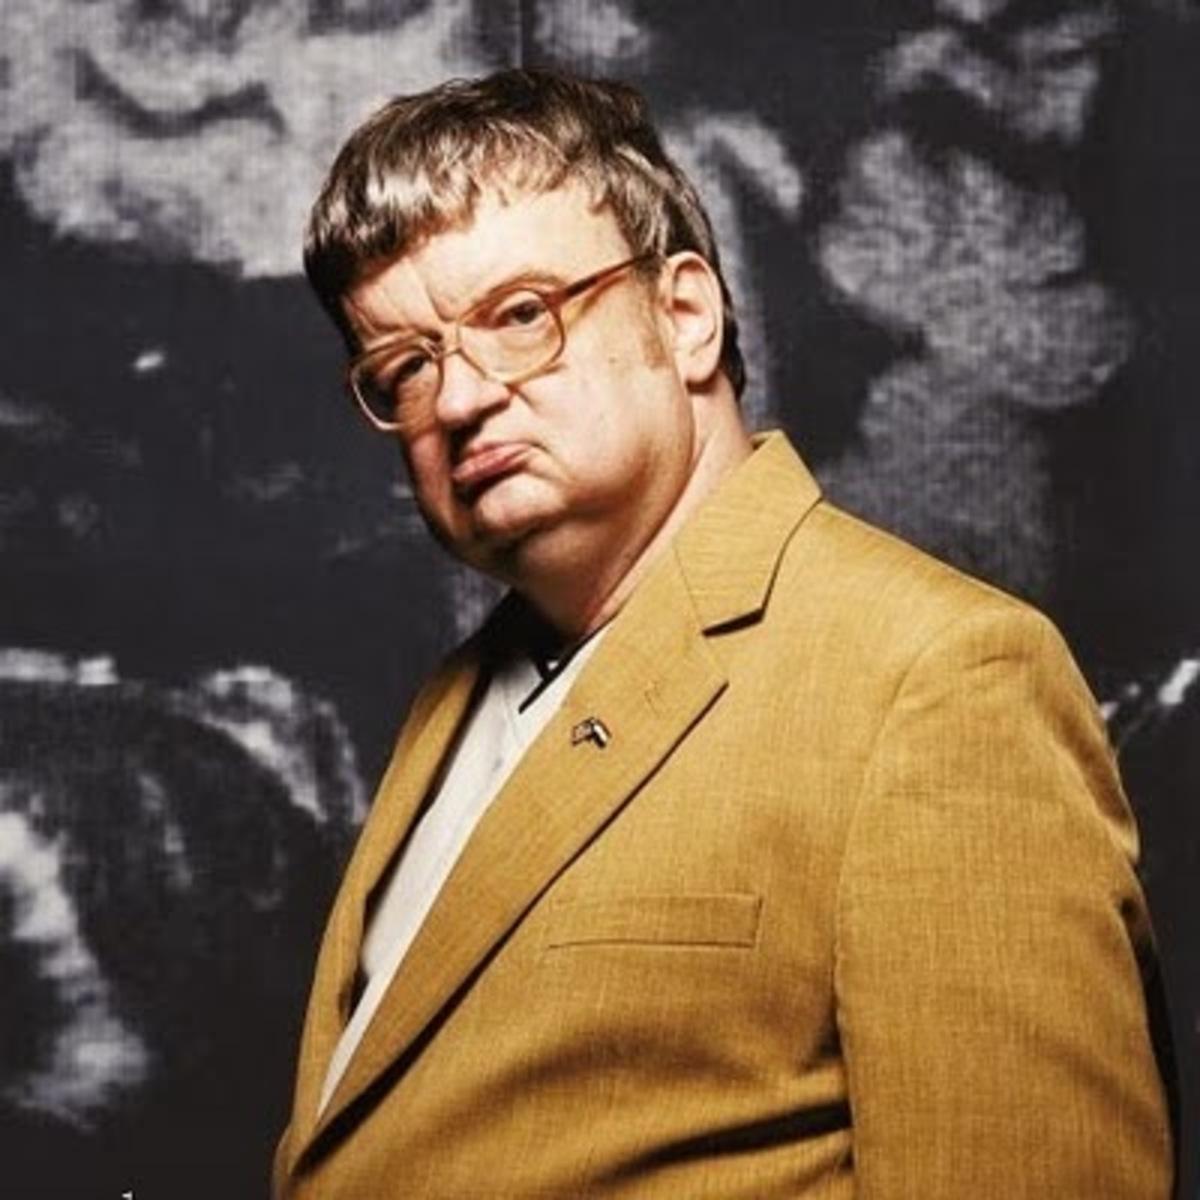 Πέθανε ο σοφότερος άνθρωπος του κόσμου, Kim Peek!   Newsit.gr